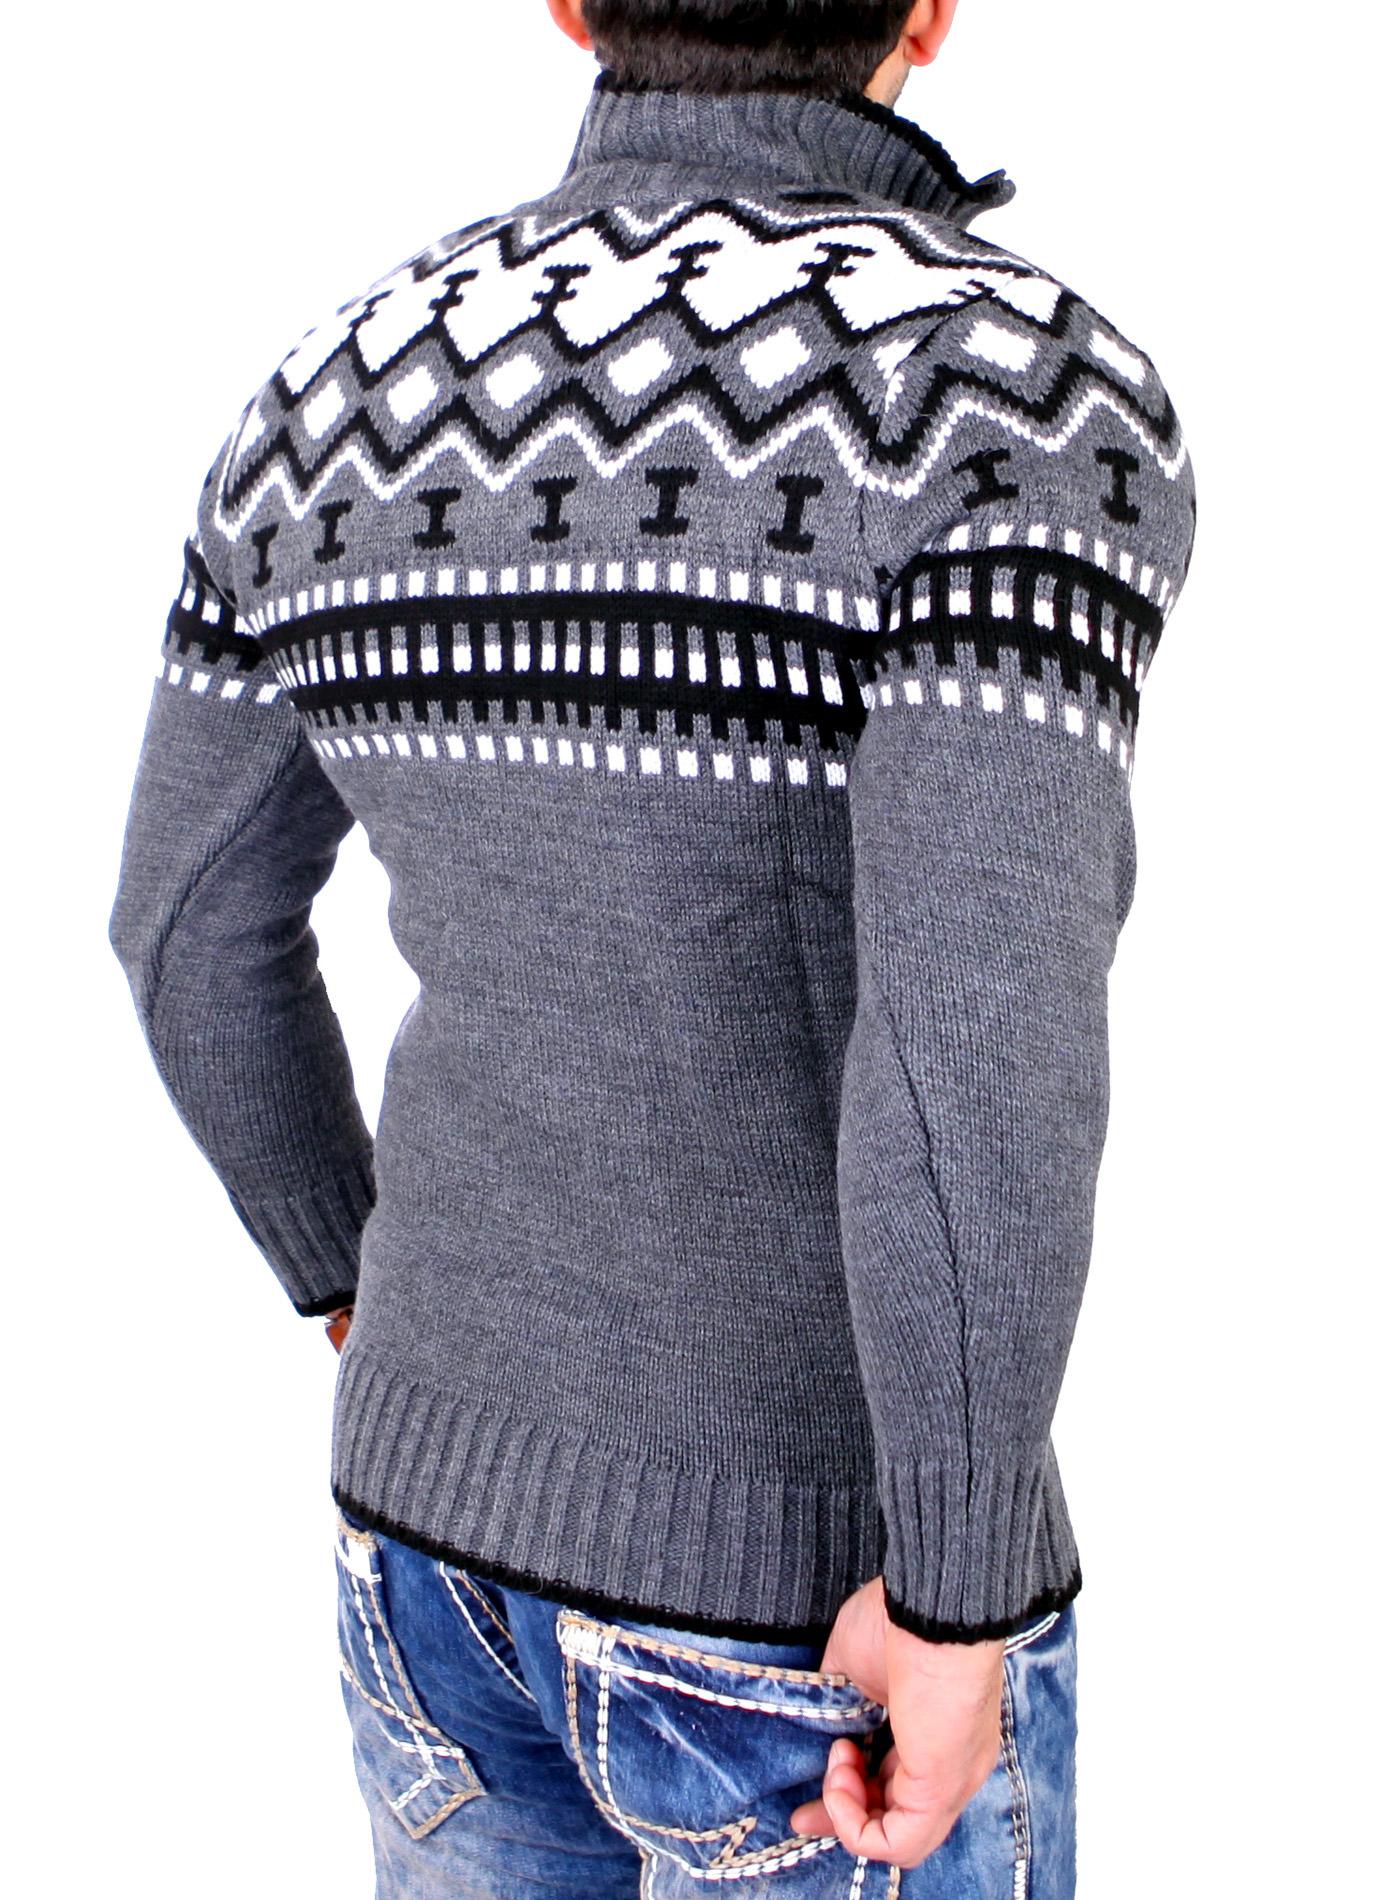 reslad herren grob strick pullover crewneck zipper. Black Bedroom Furniture Sets. Home Design Ideas